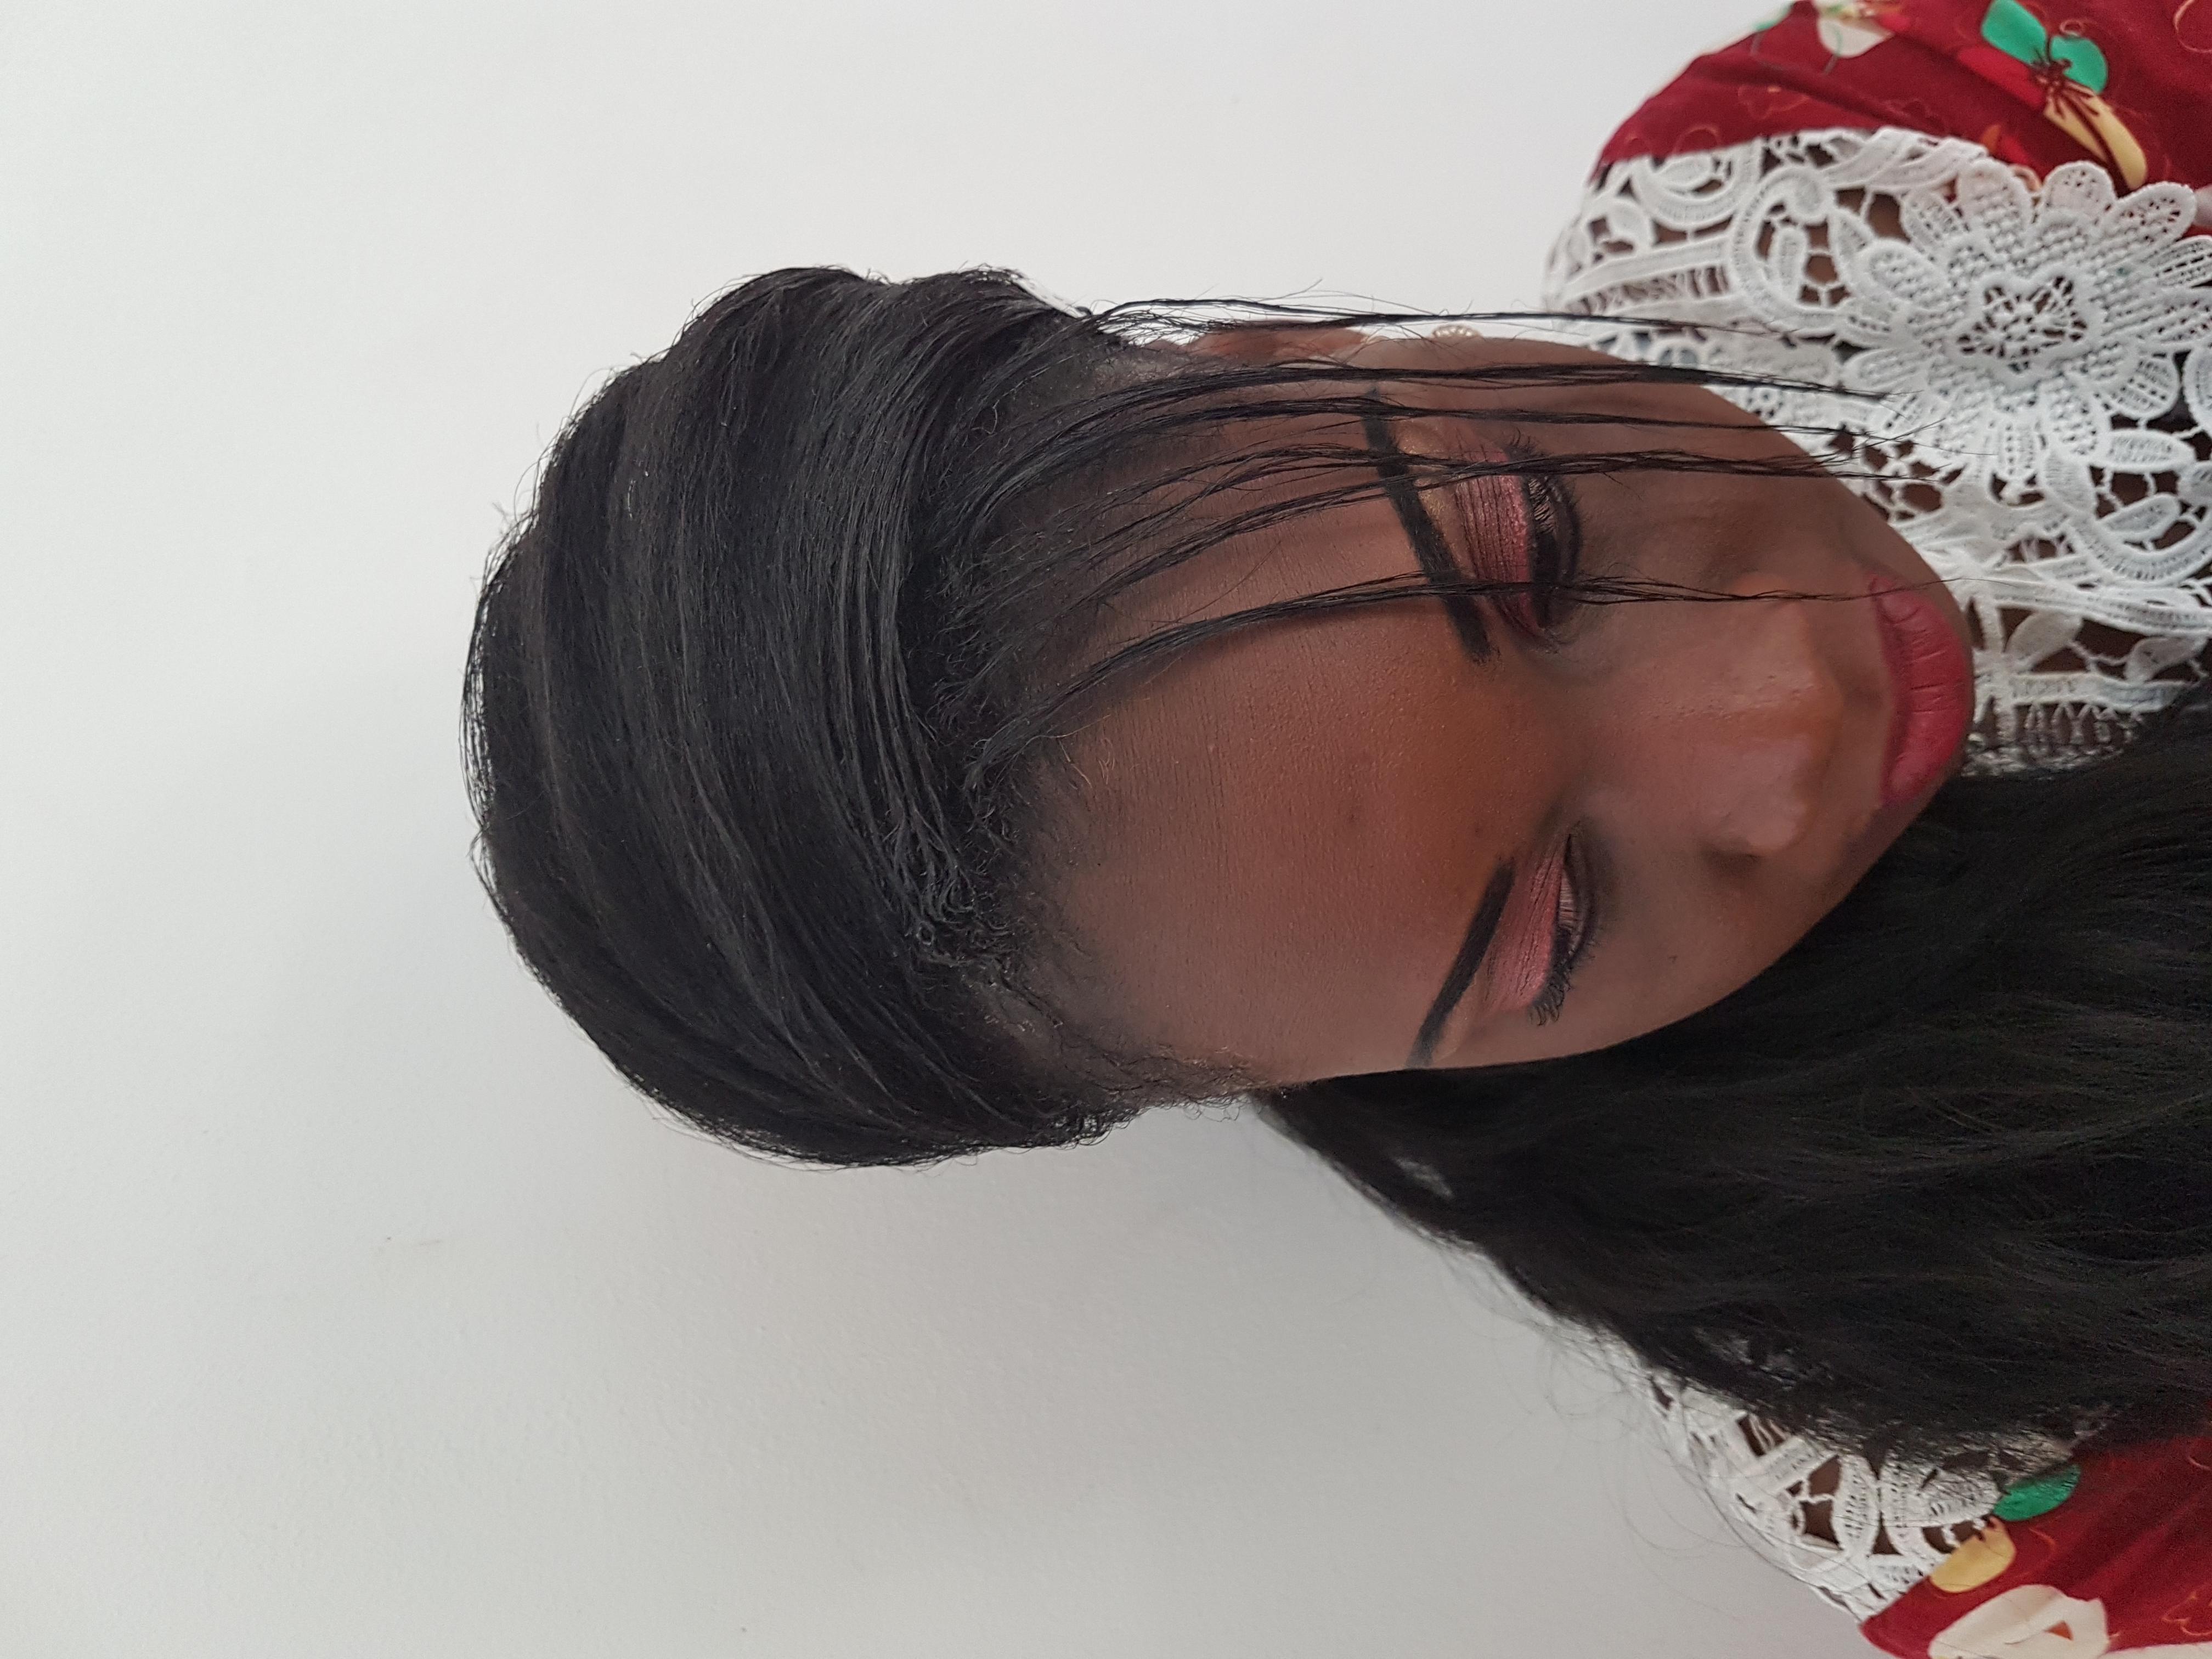 salon de coiffure afro tresse tresses box braids crochet braids vanilles tissages paris 75 77 78 91 92 93 94 95 EJRXLRHI